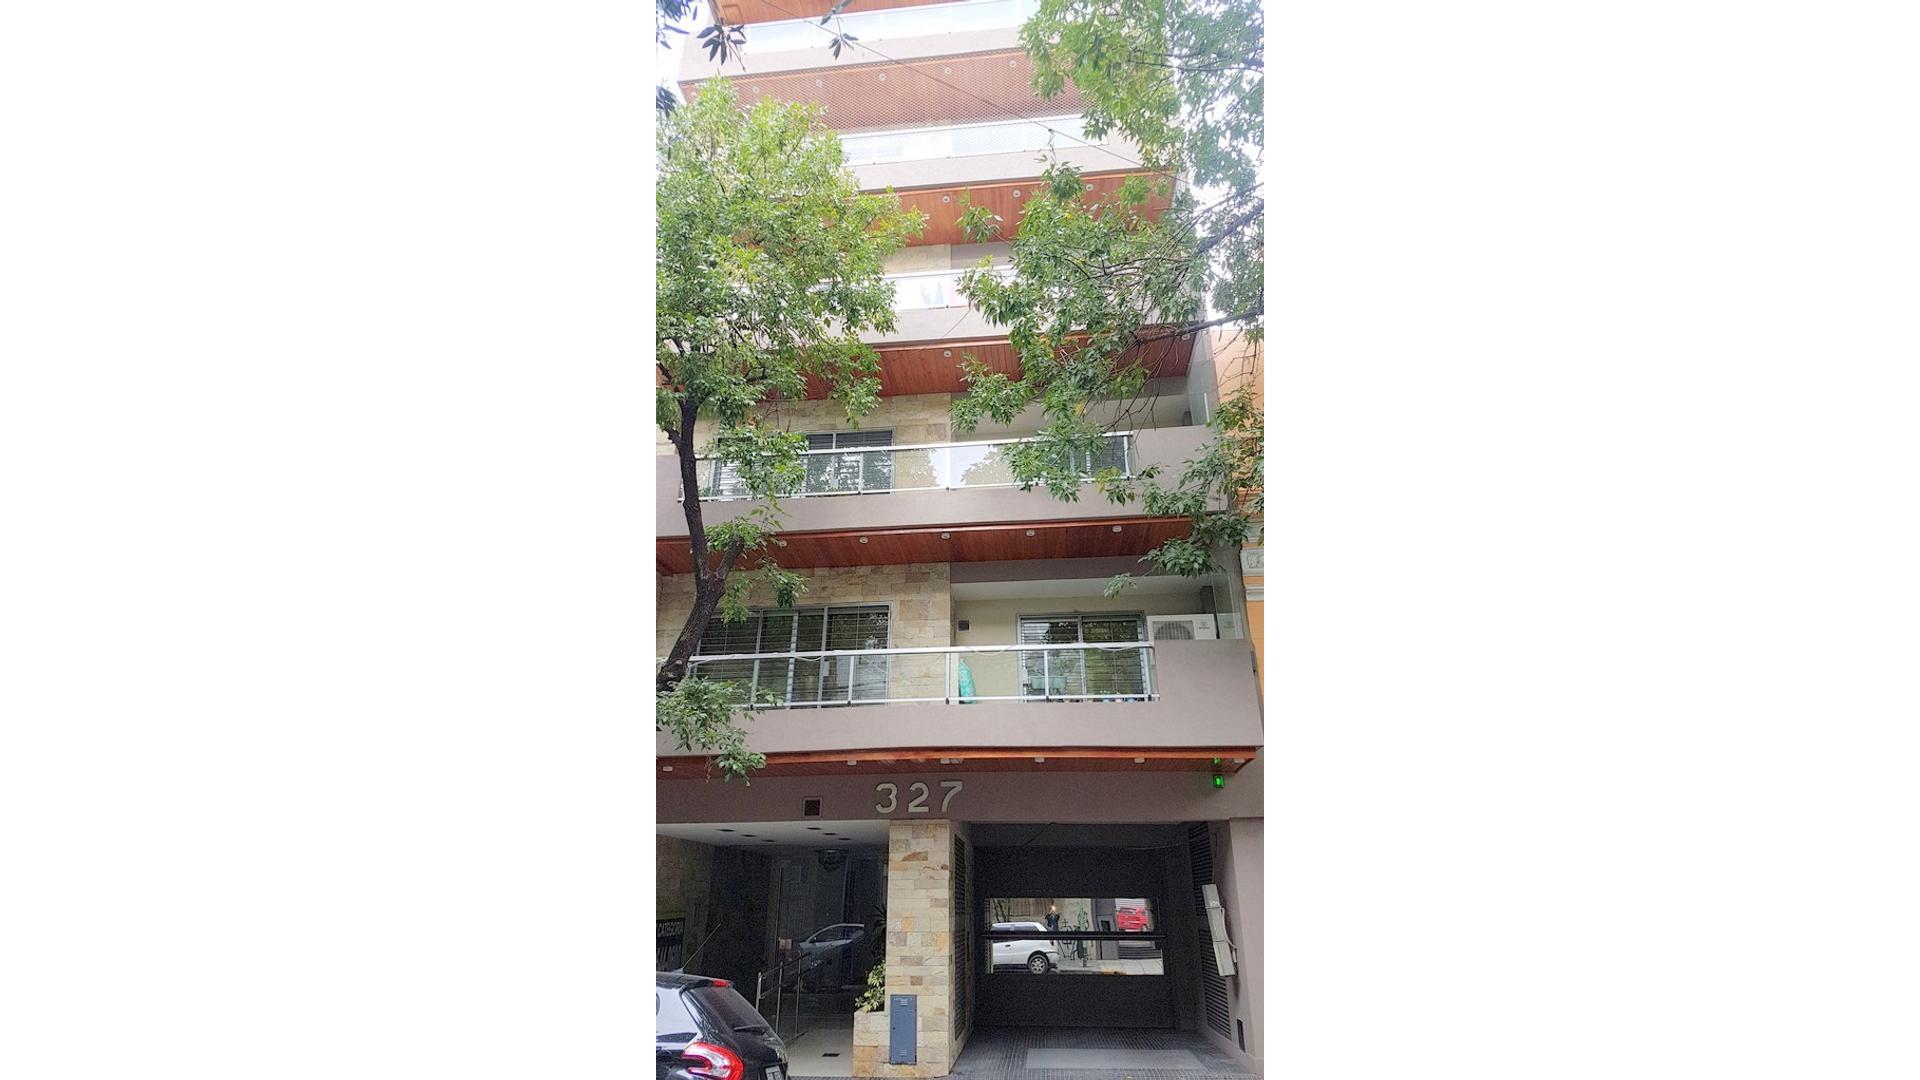 5to PISO 160 m2 c/2 COCHERAS FIJAS, A ESTRENAR, CALEF CENTRAL,  5 EQUIPOS AA SPLIT y SUM y PARRILLA